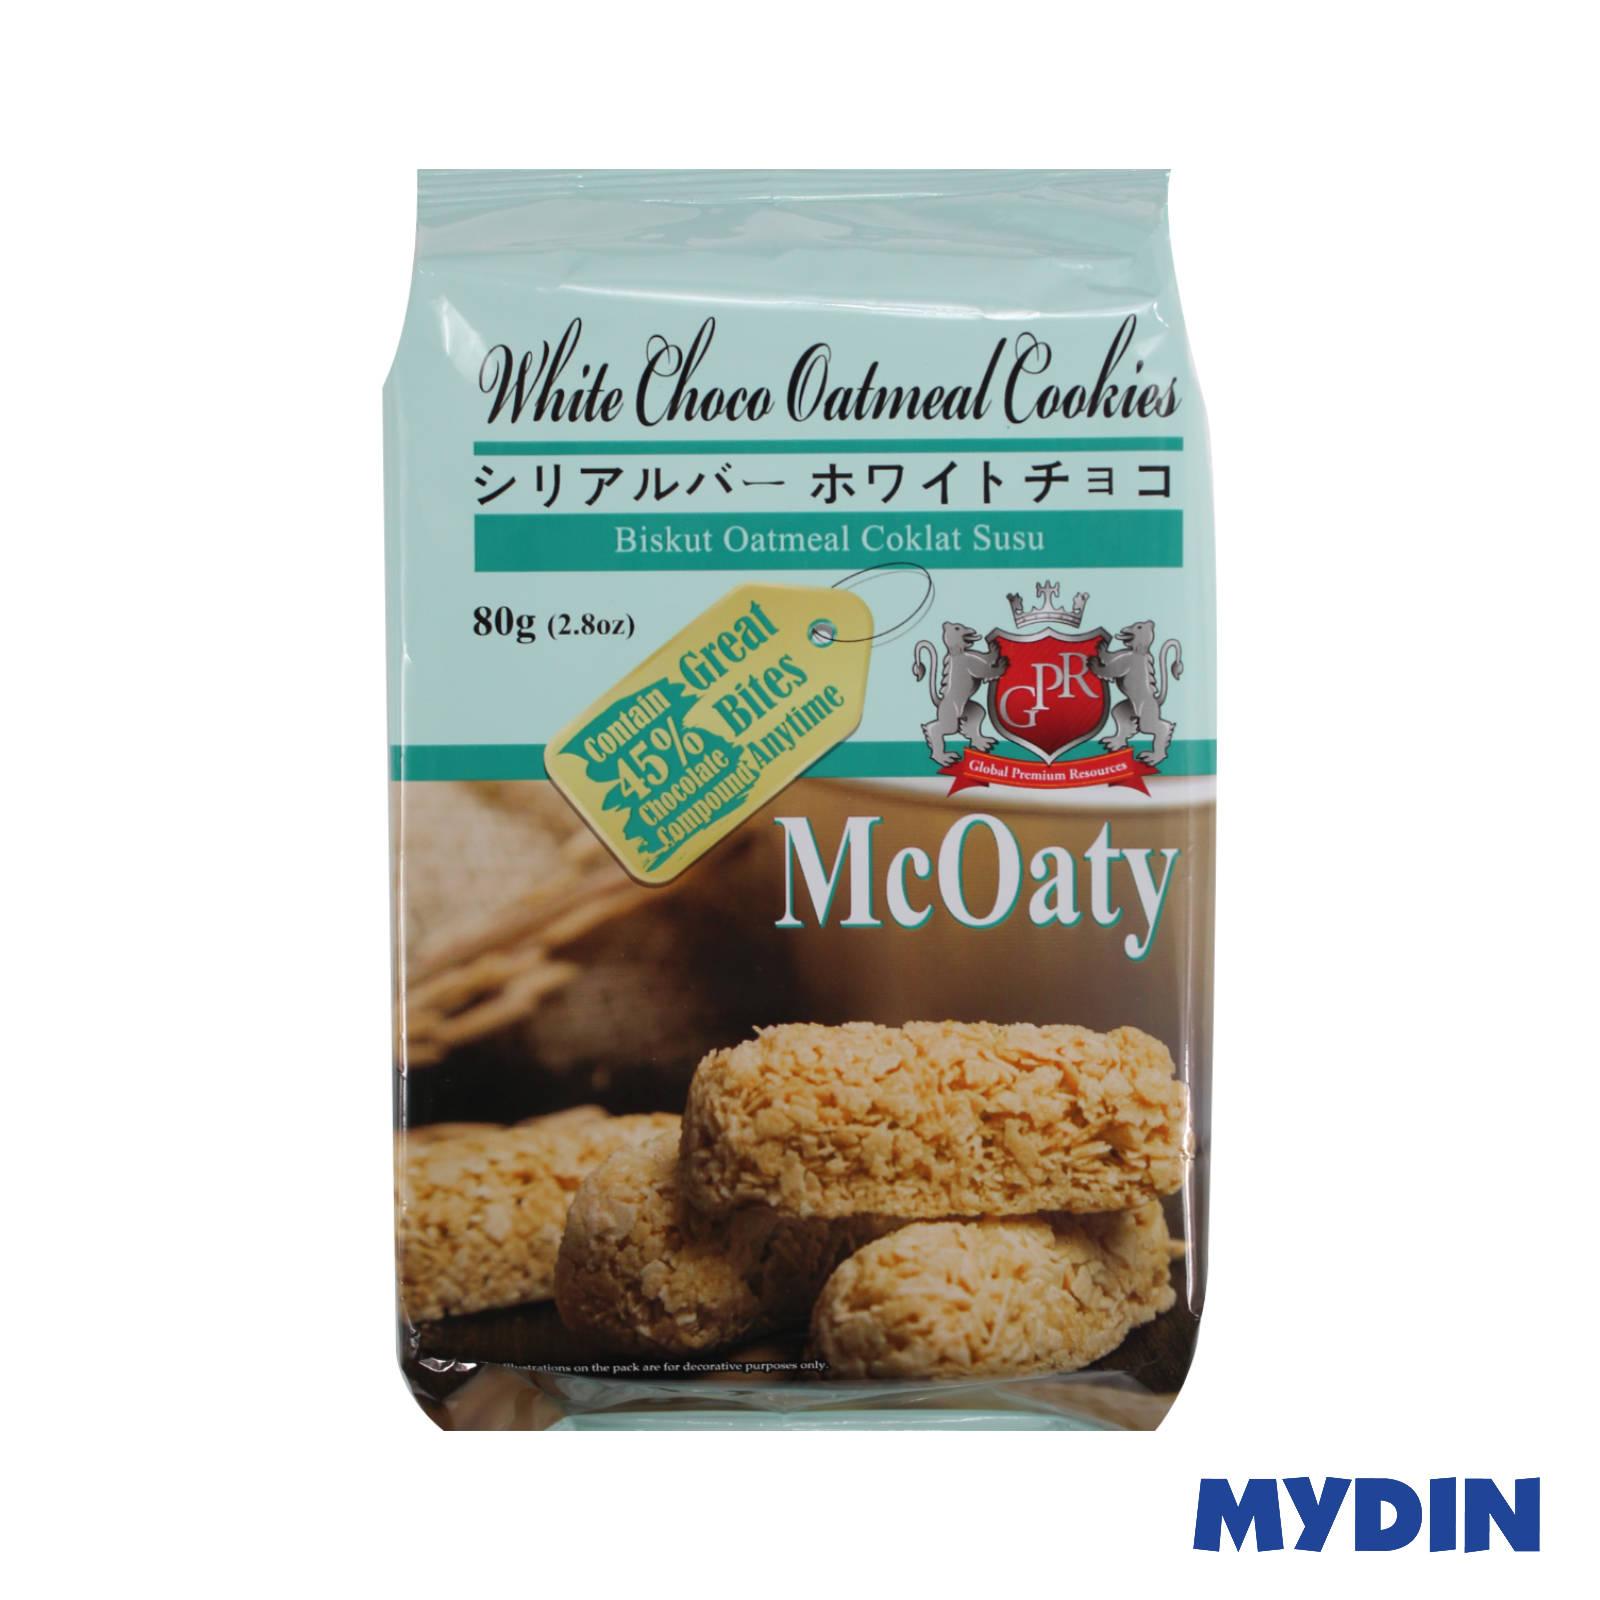 GPR McOaty White Choco Oatmeal Cookies 80g